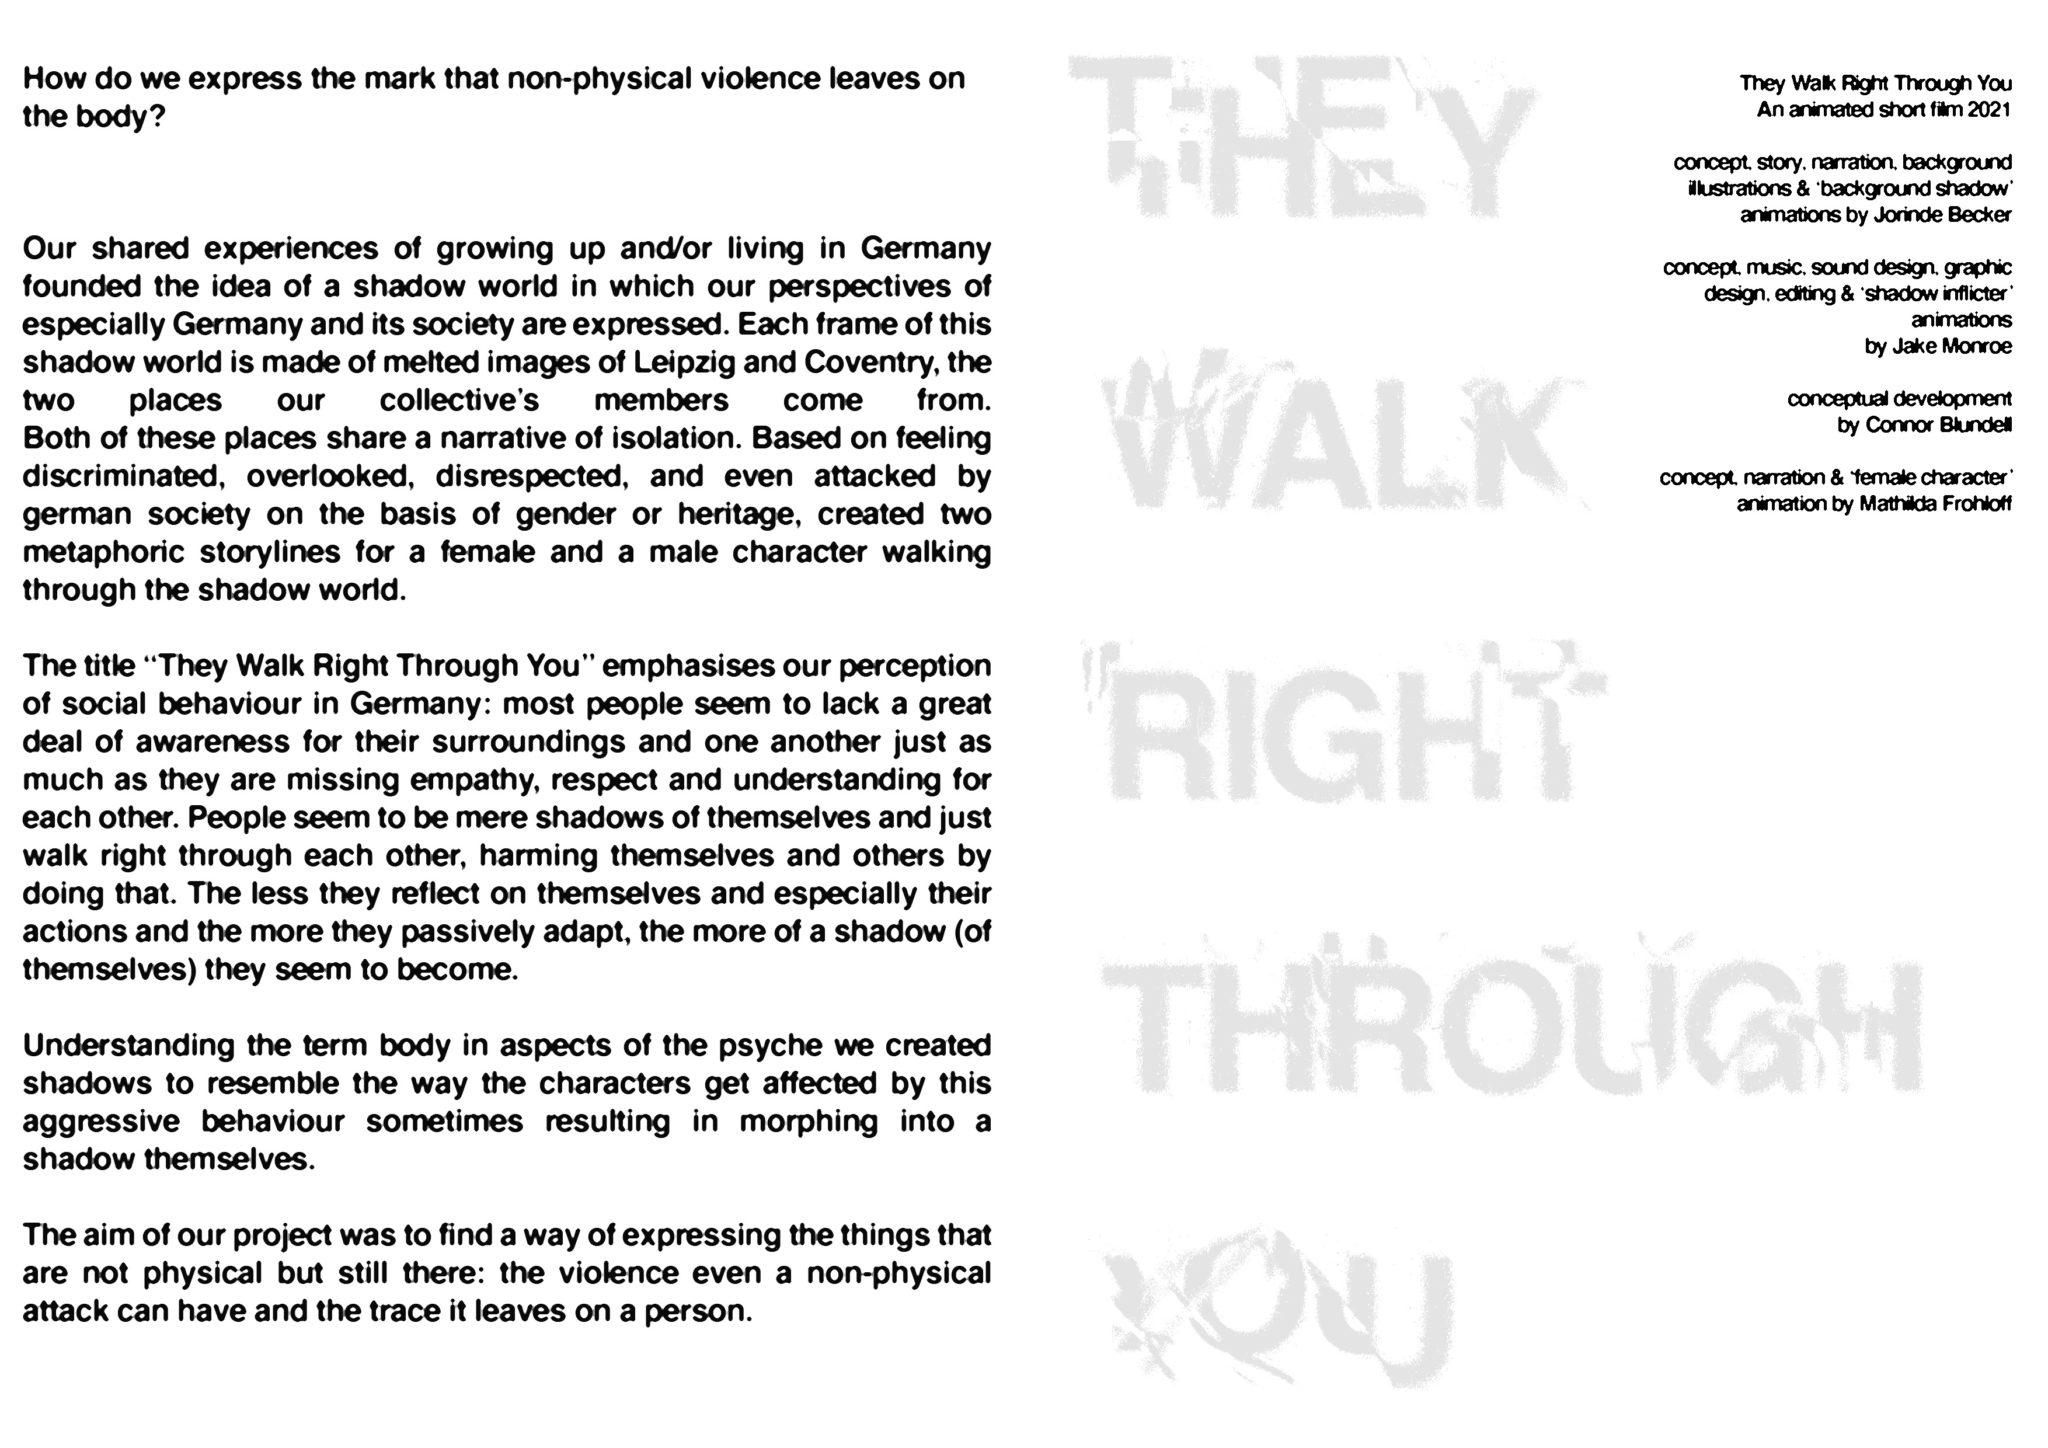 Jorinde Becker, Mathilda Frohloff, Jake Monroe, Connor Blundell, They Walk Right Through You, Englische Textversion zum Kurzfilm, 2021